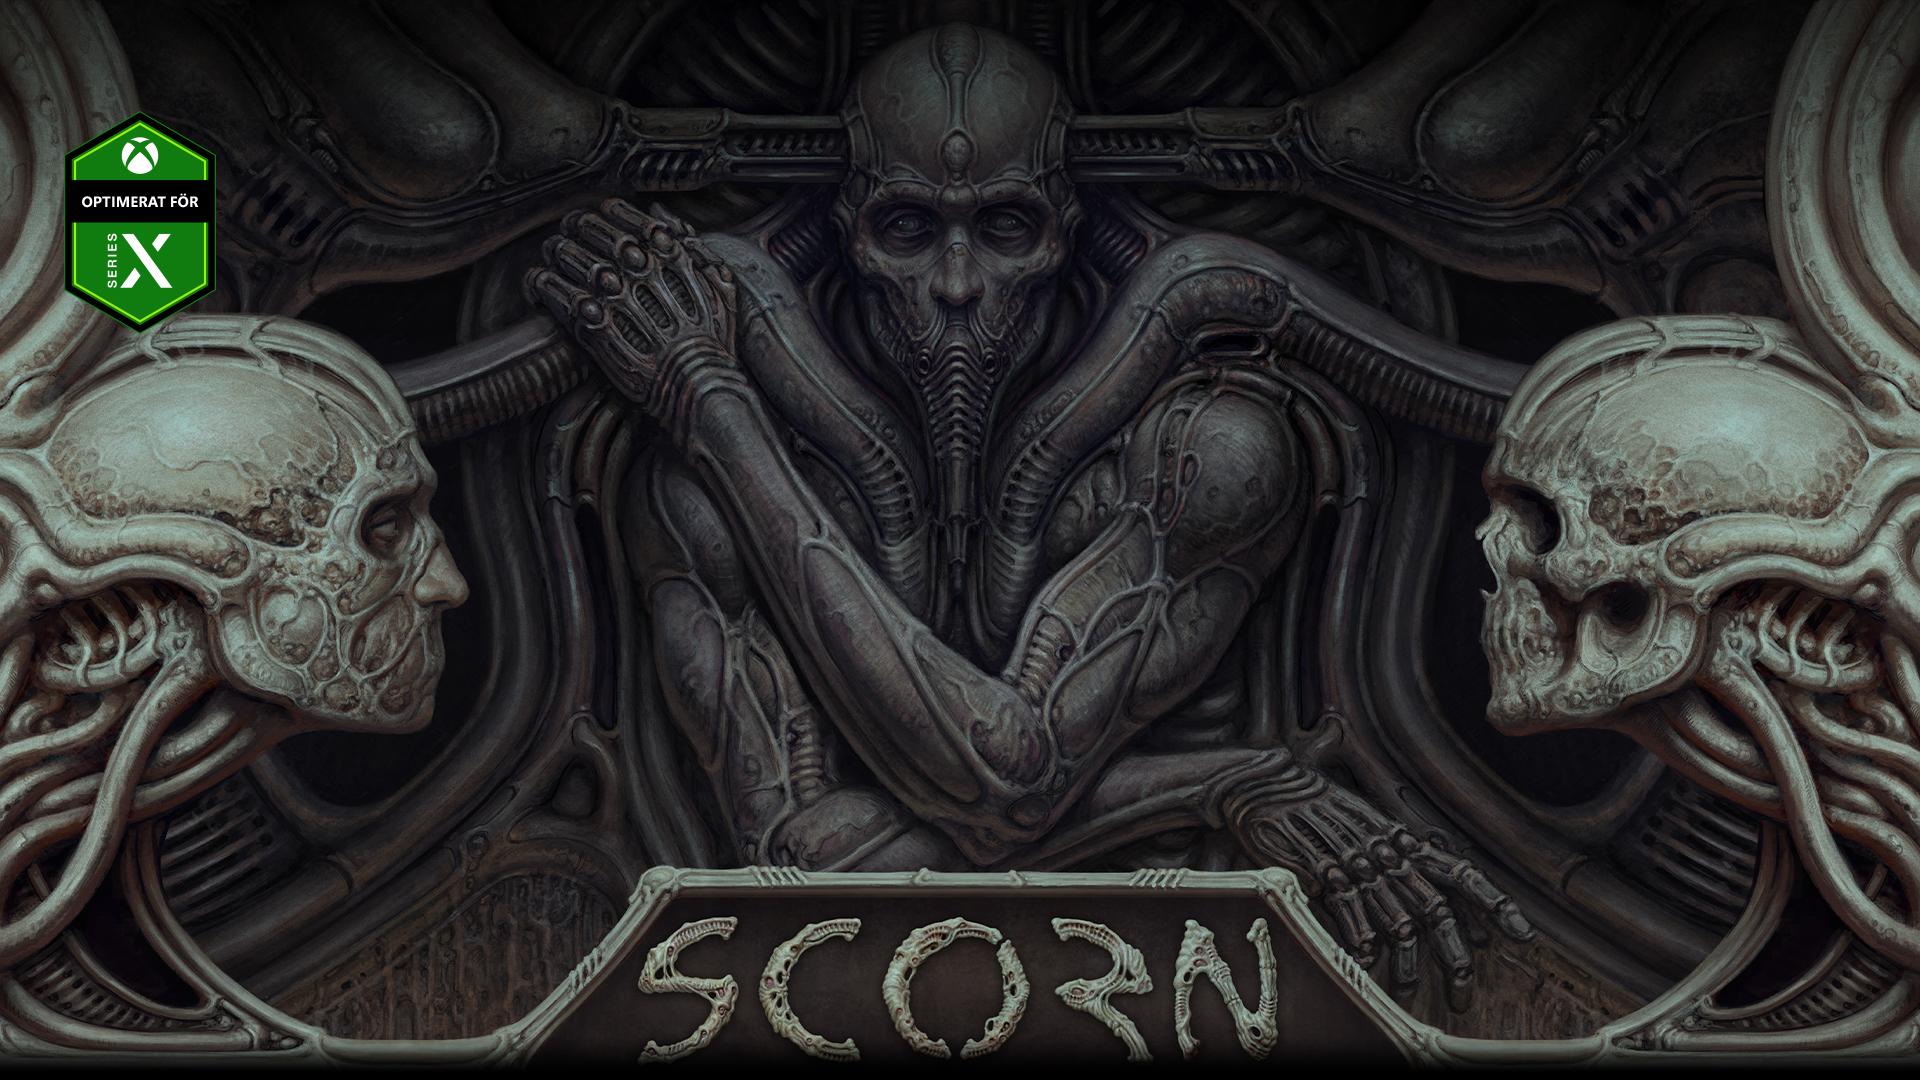 En karaktär från Scorn inbäddad i en vägg med två dödskallar.